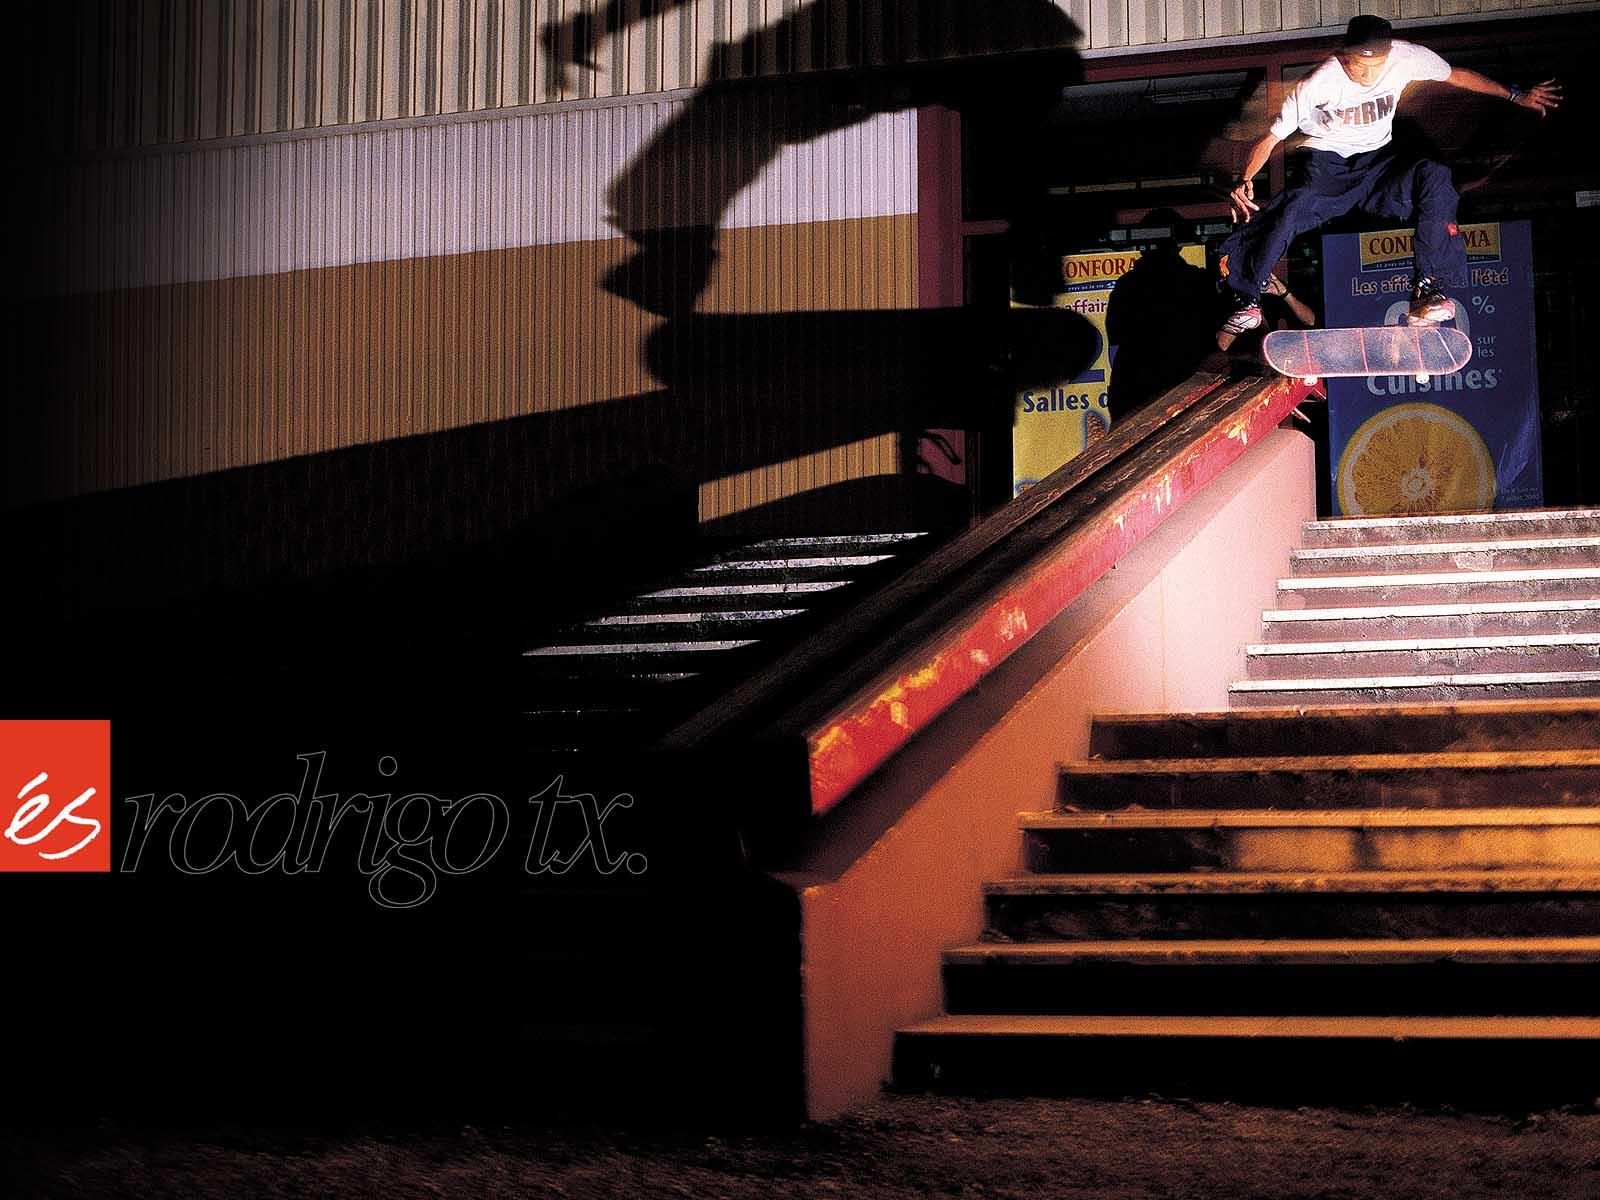 http://2.bp.blogspot.com/_XYQLgGJ5QP8/TPEIH0JFBrI/AAAAAAAAABg/hNz7EsYLAWY/s1600/wallpaper-tx-kfns.jpg